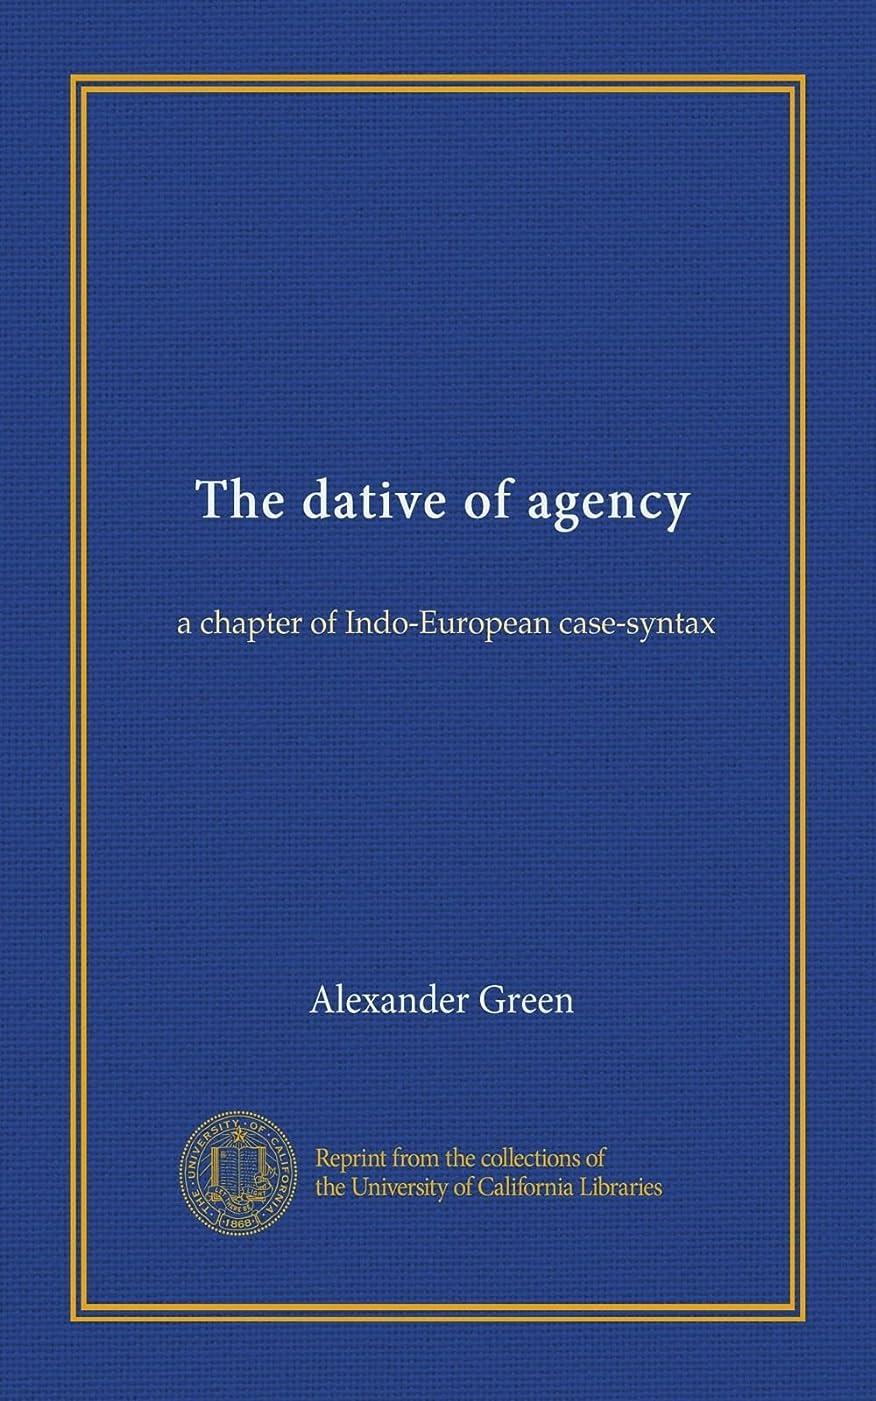 かける創造ポールThe dative of agency: a chapter of Indo-European case-syntax